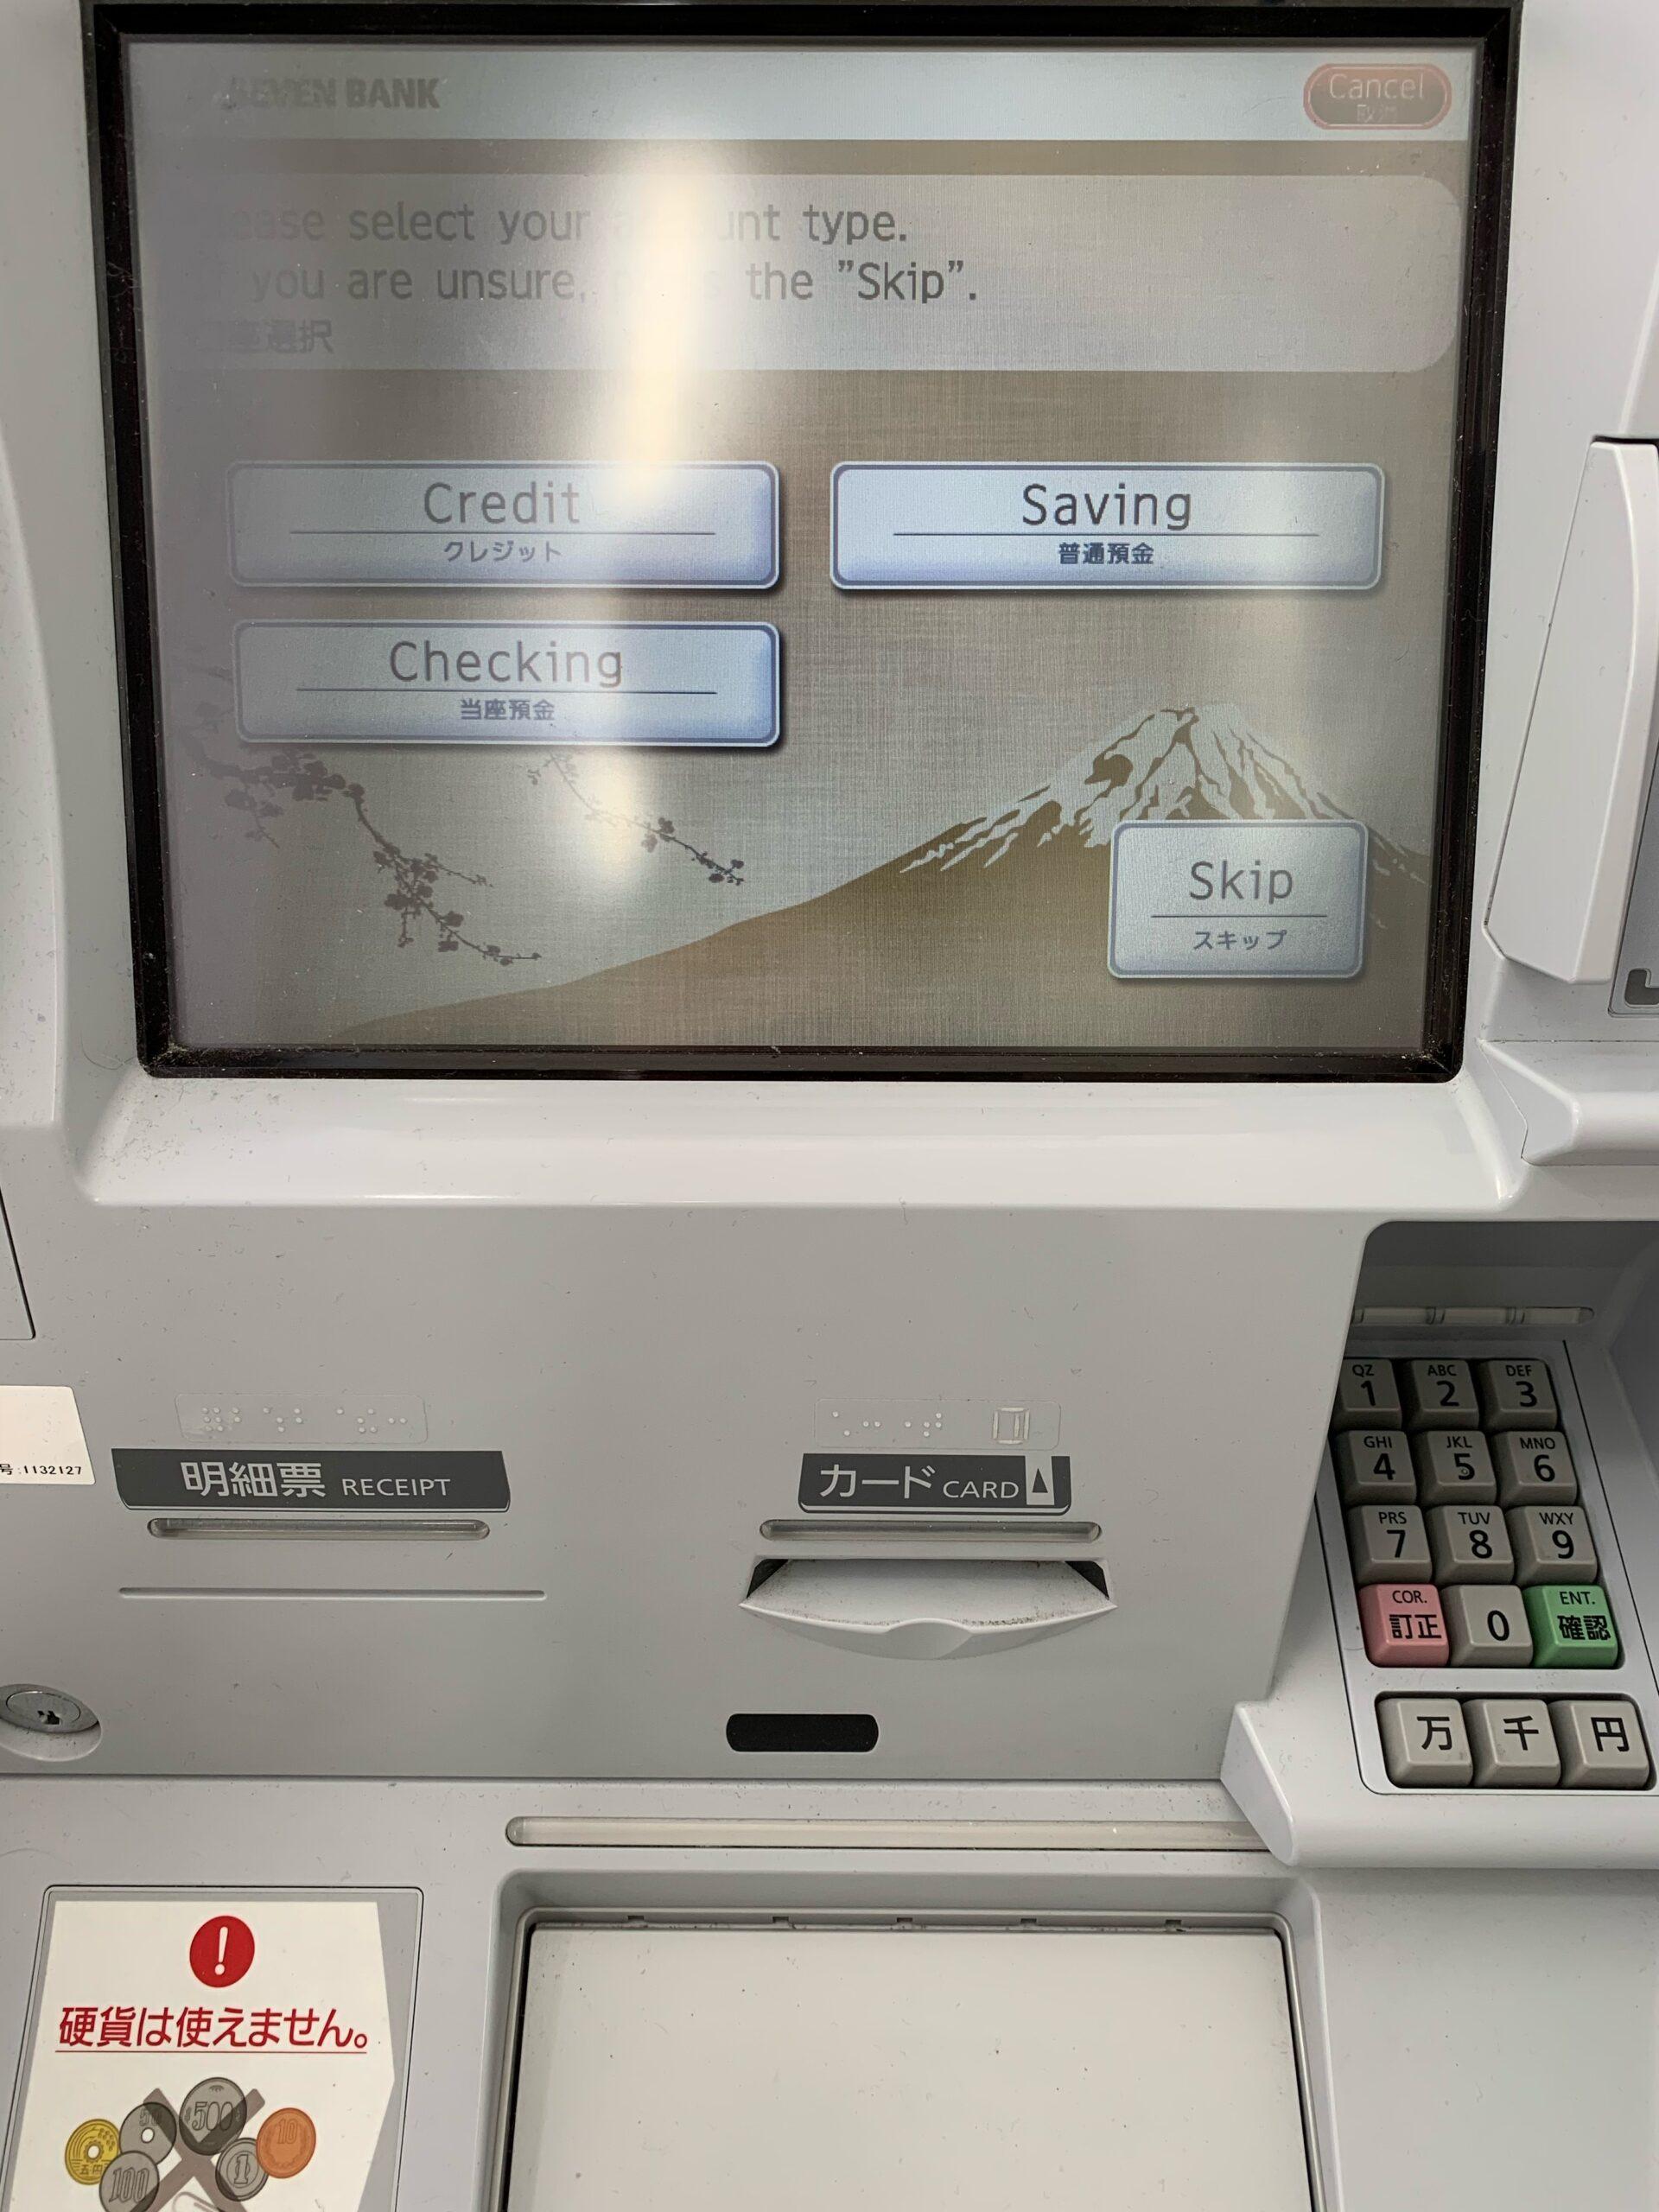 TIGER PAY ATM出金8